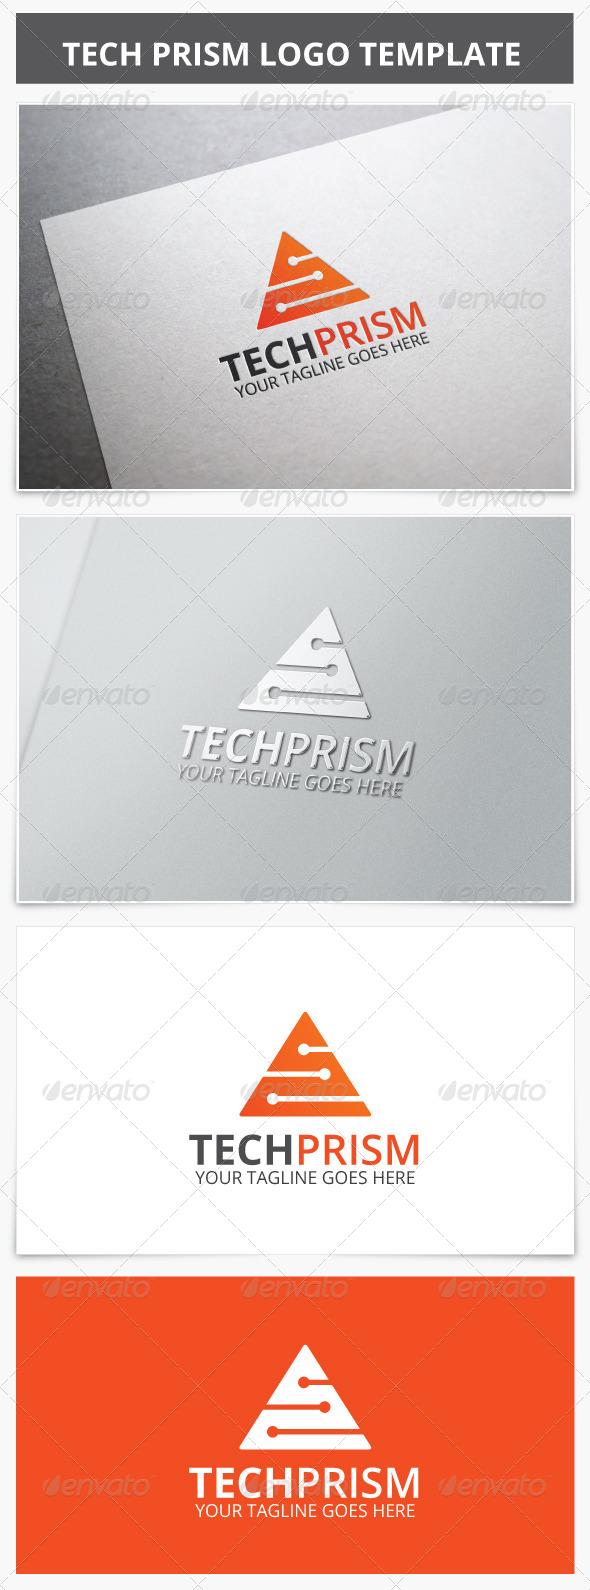 GraphicRiver Tech Prism Logo 7181254